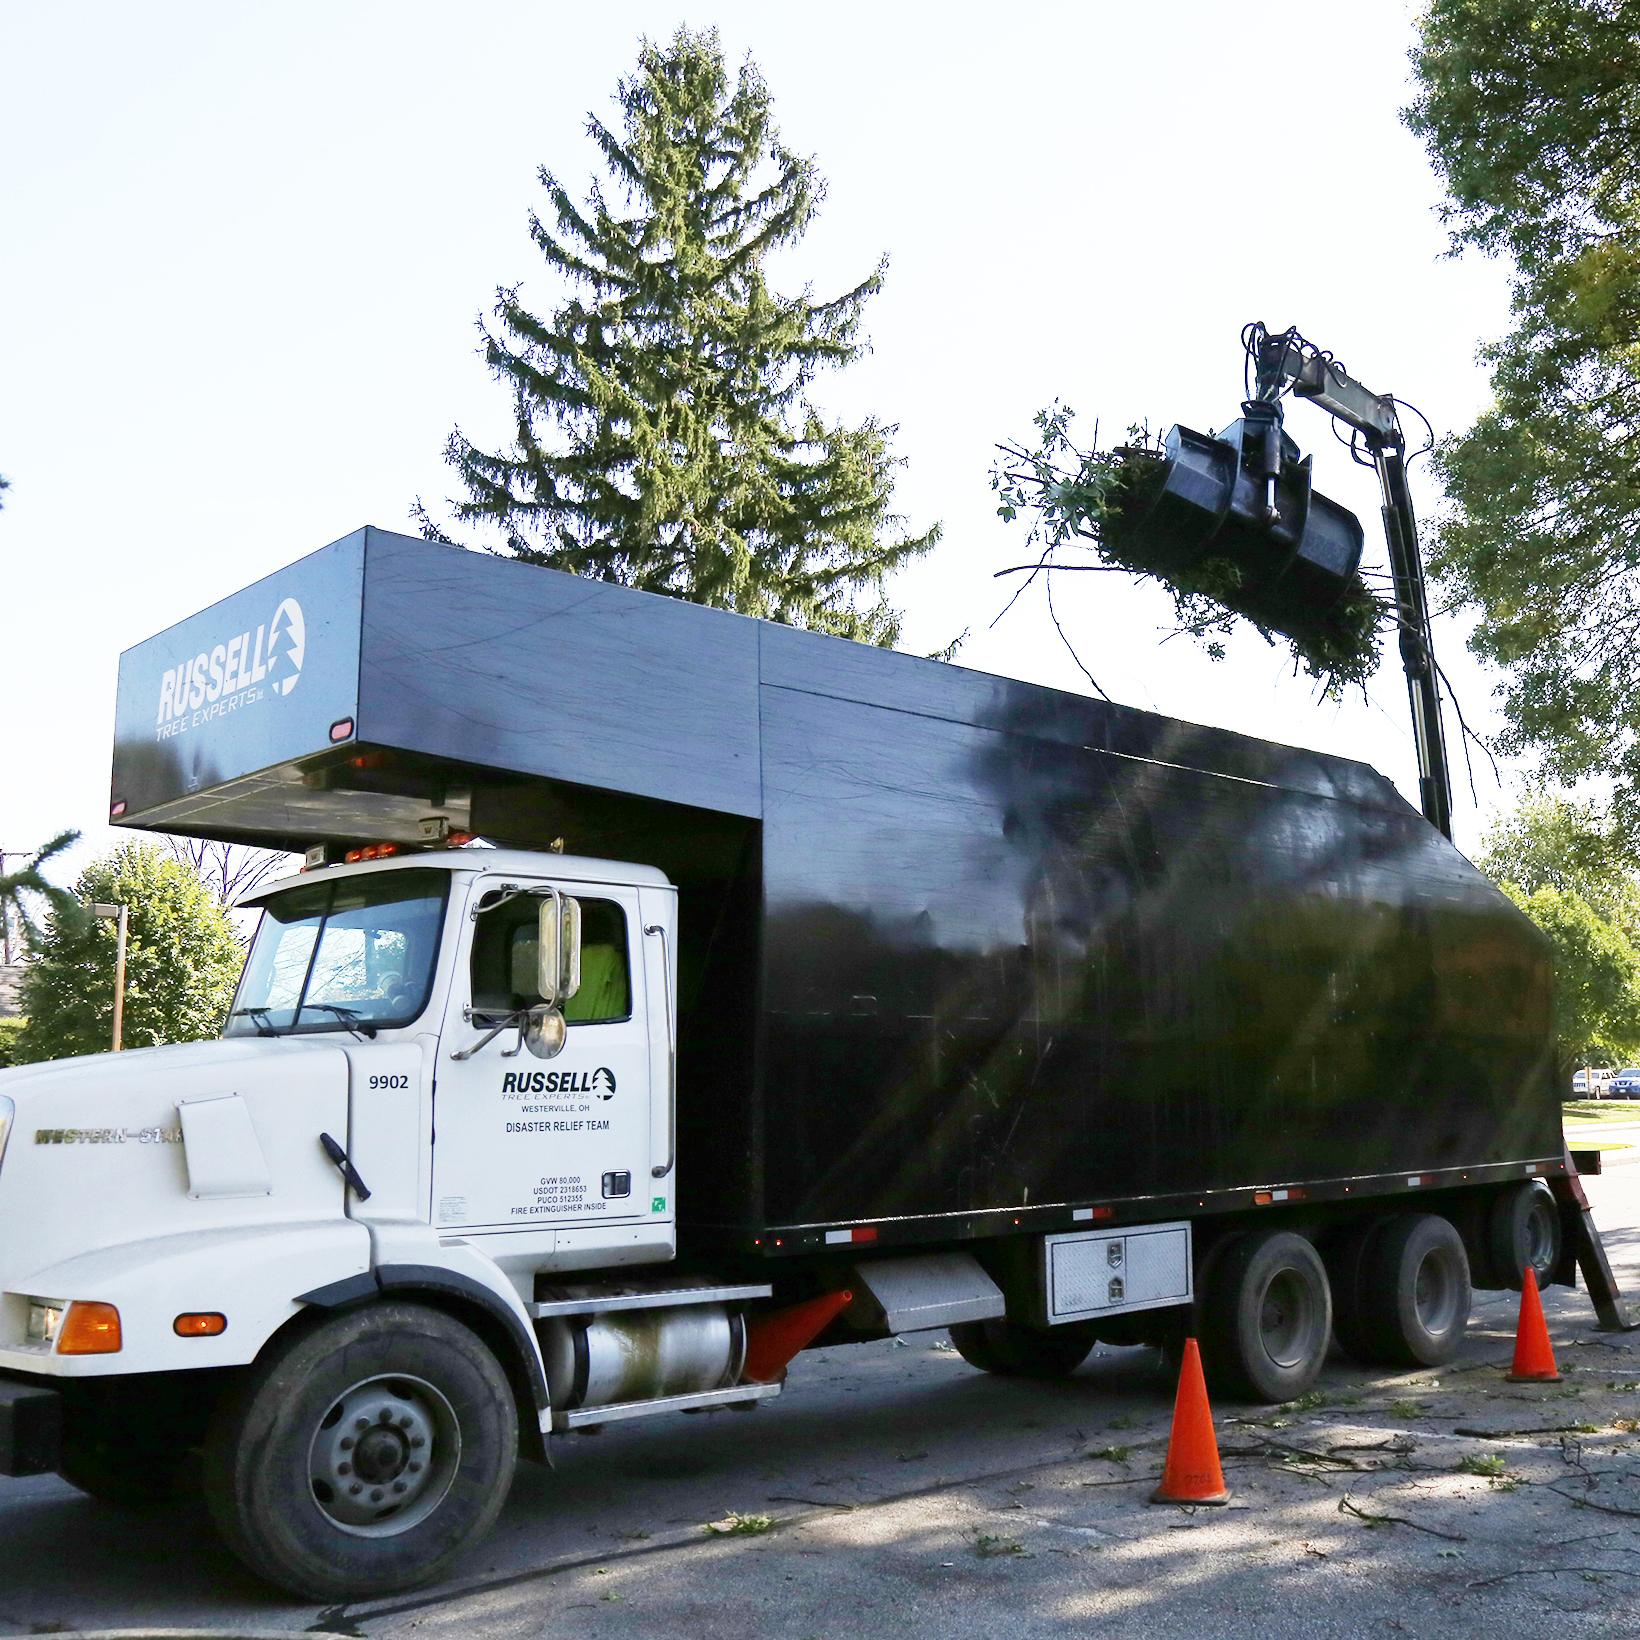 - First grapple truck joins the fleet